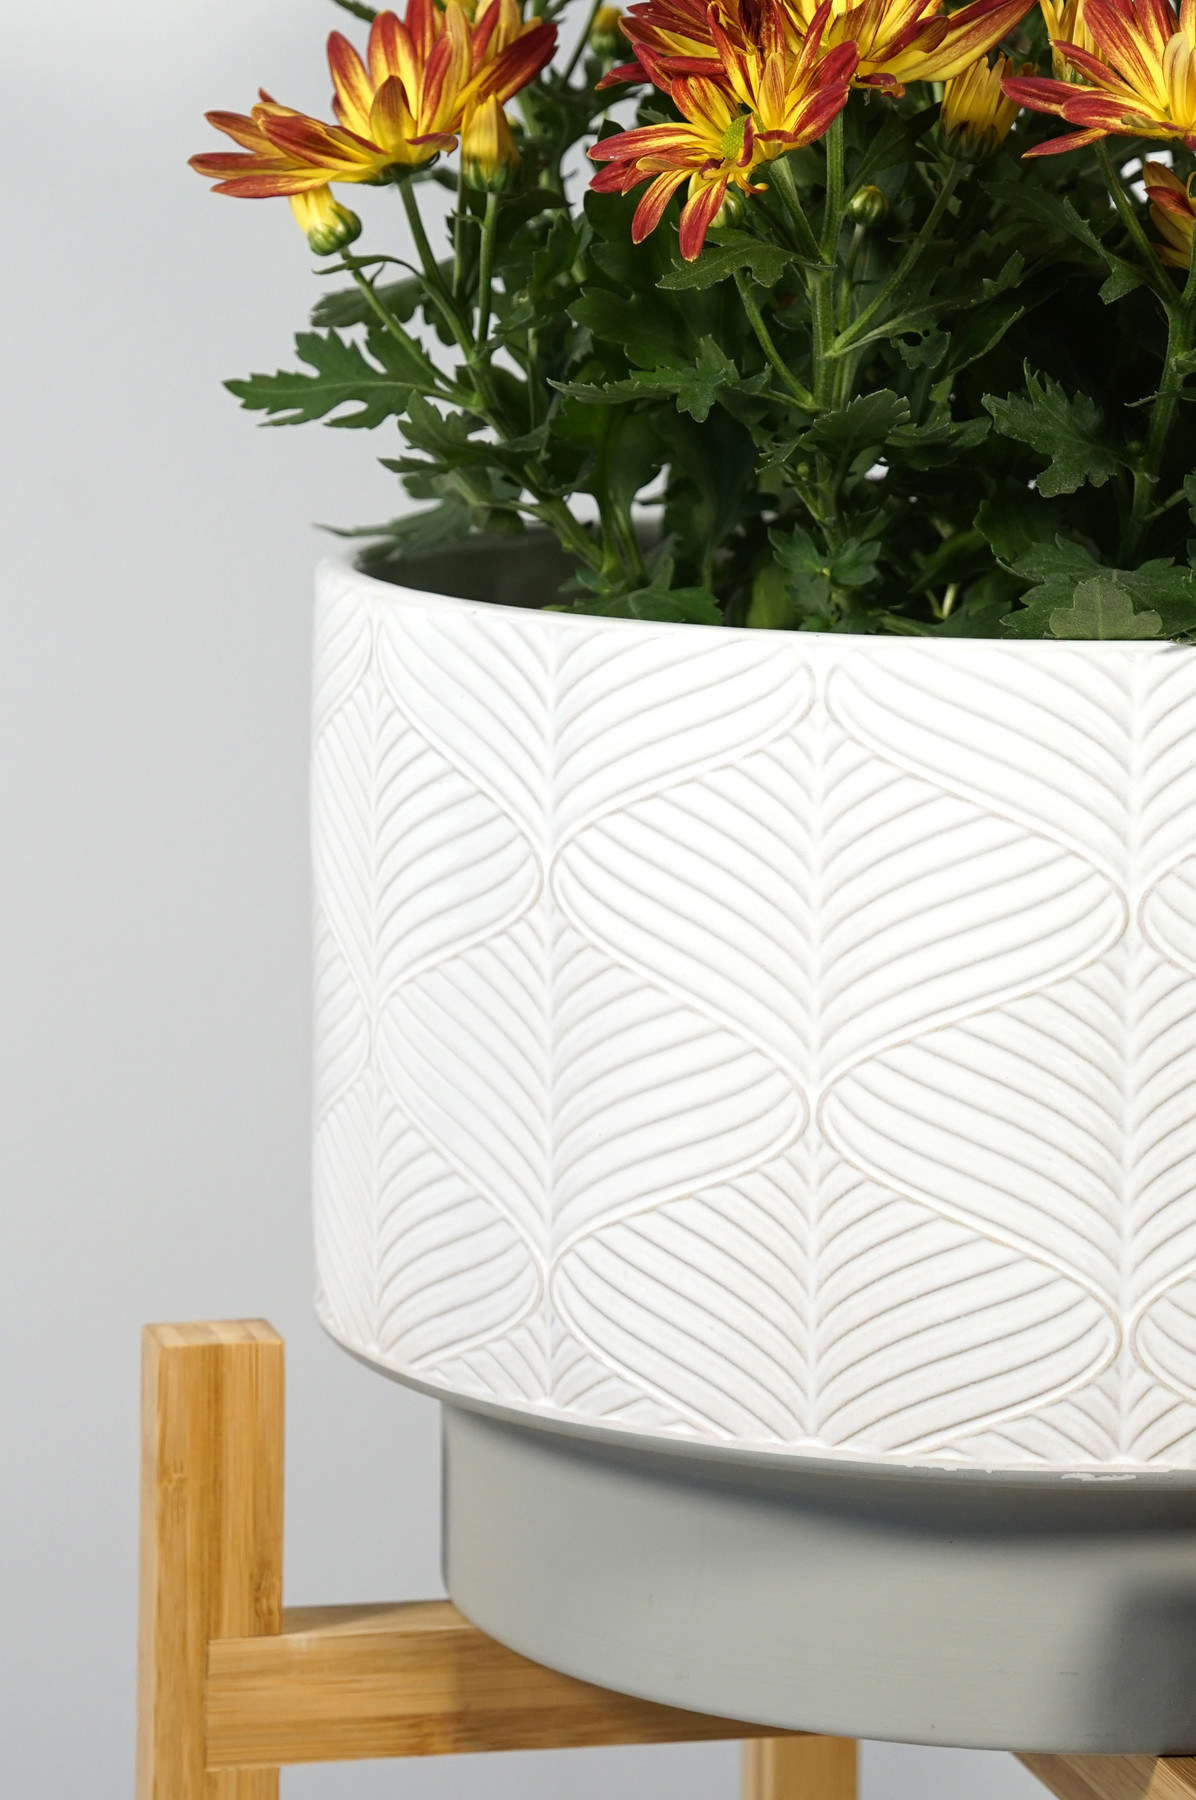 the ceramic planter